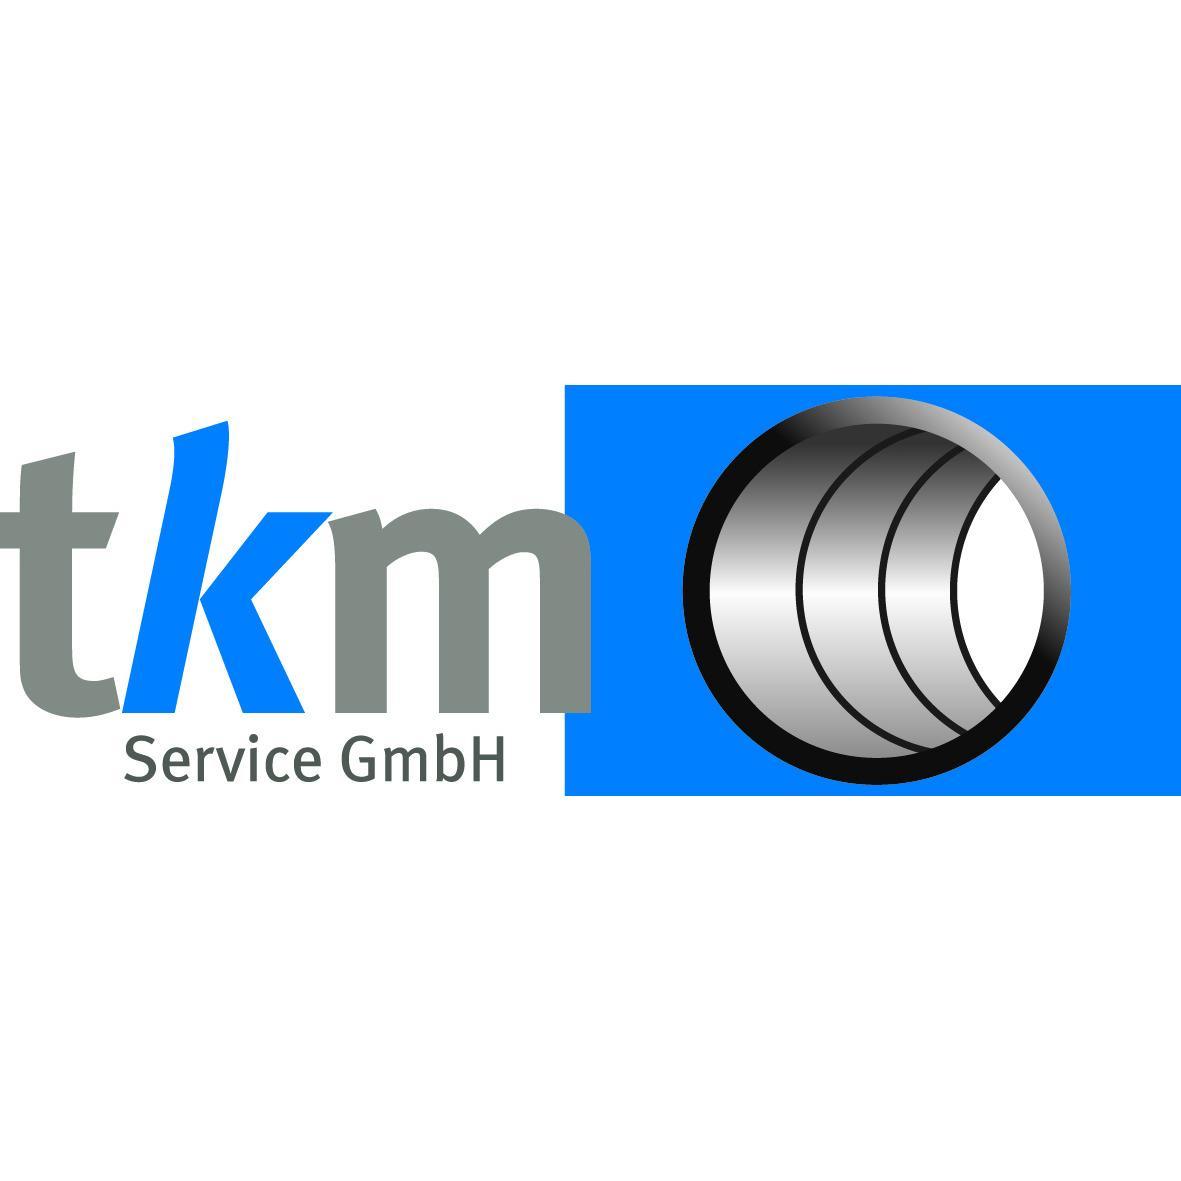 Tkm service gmbh klempner fuldatal deutschland tel for Topdeq service gmbh